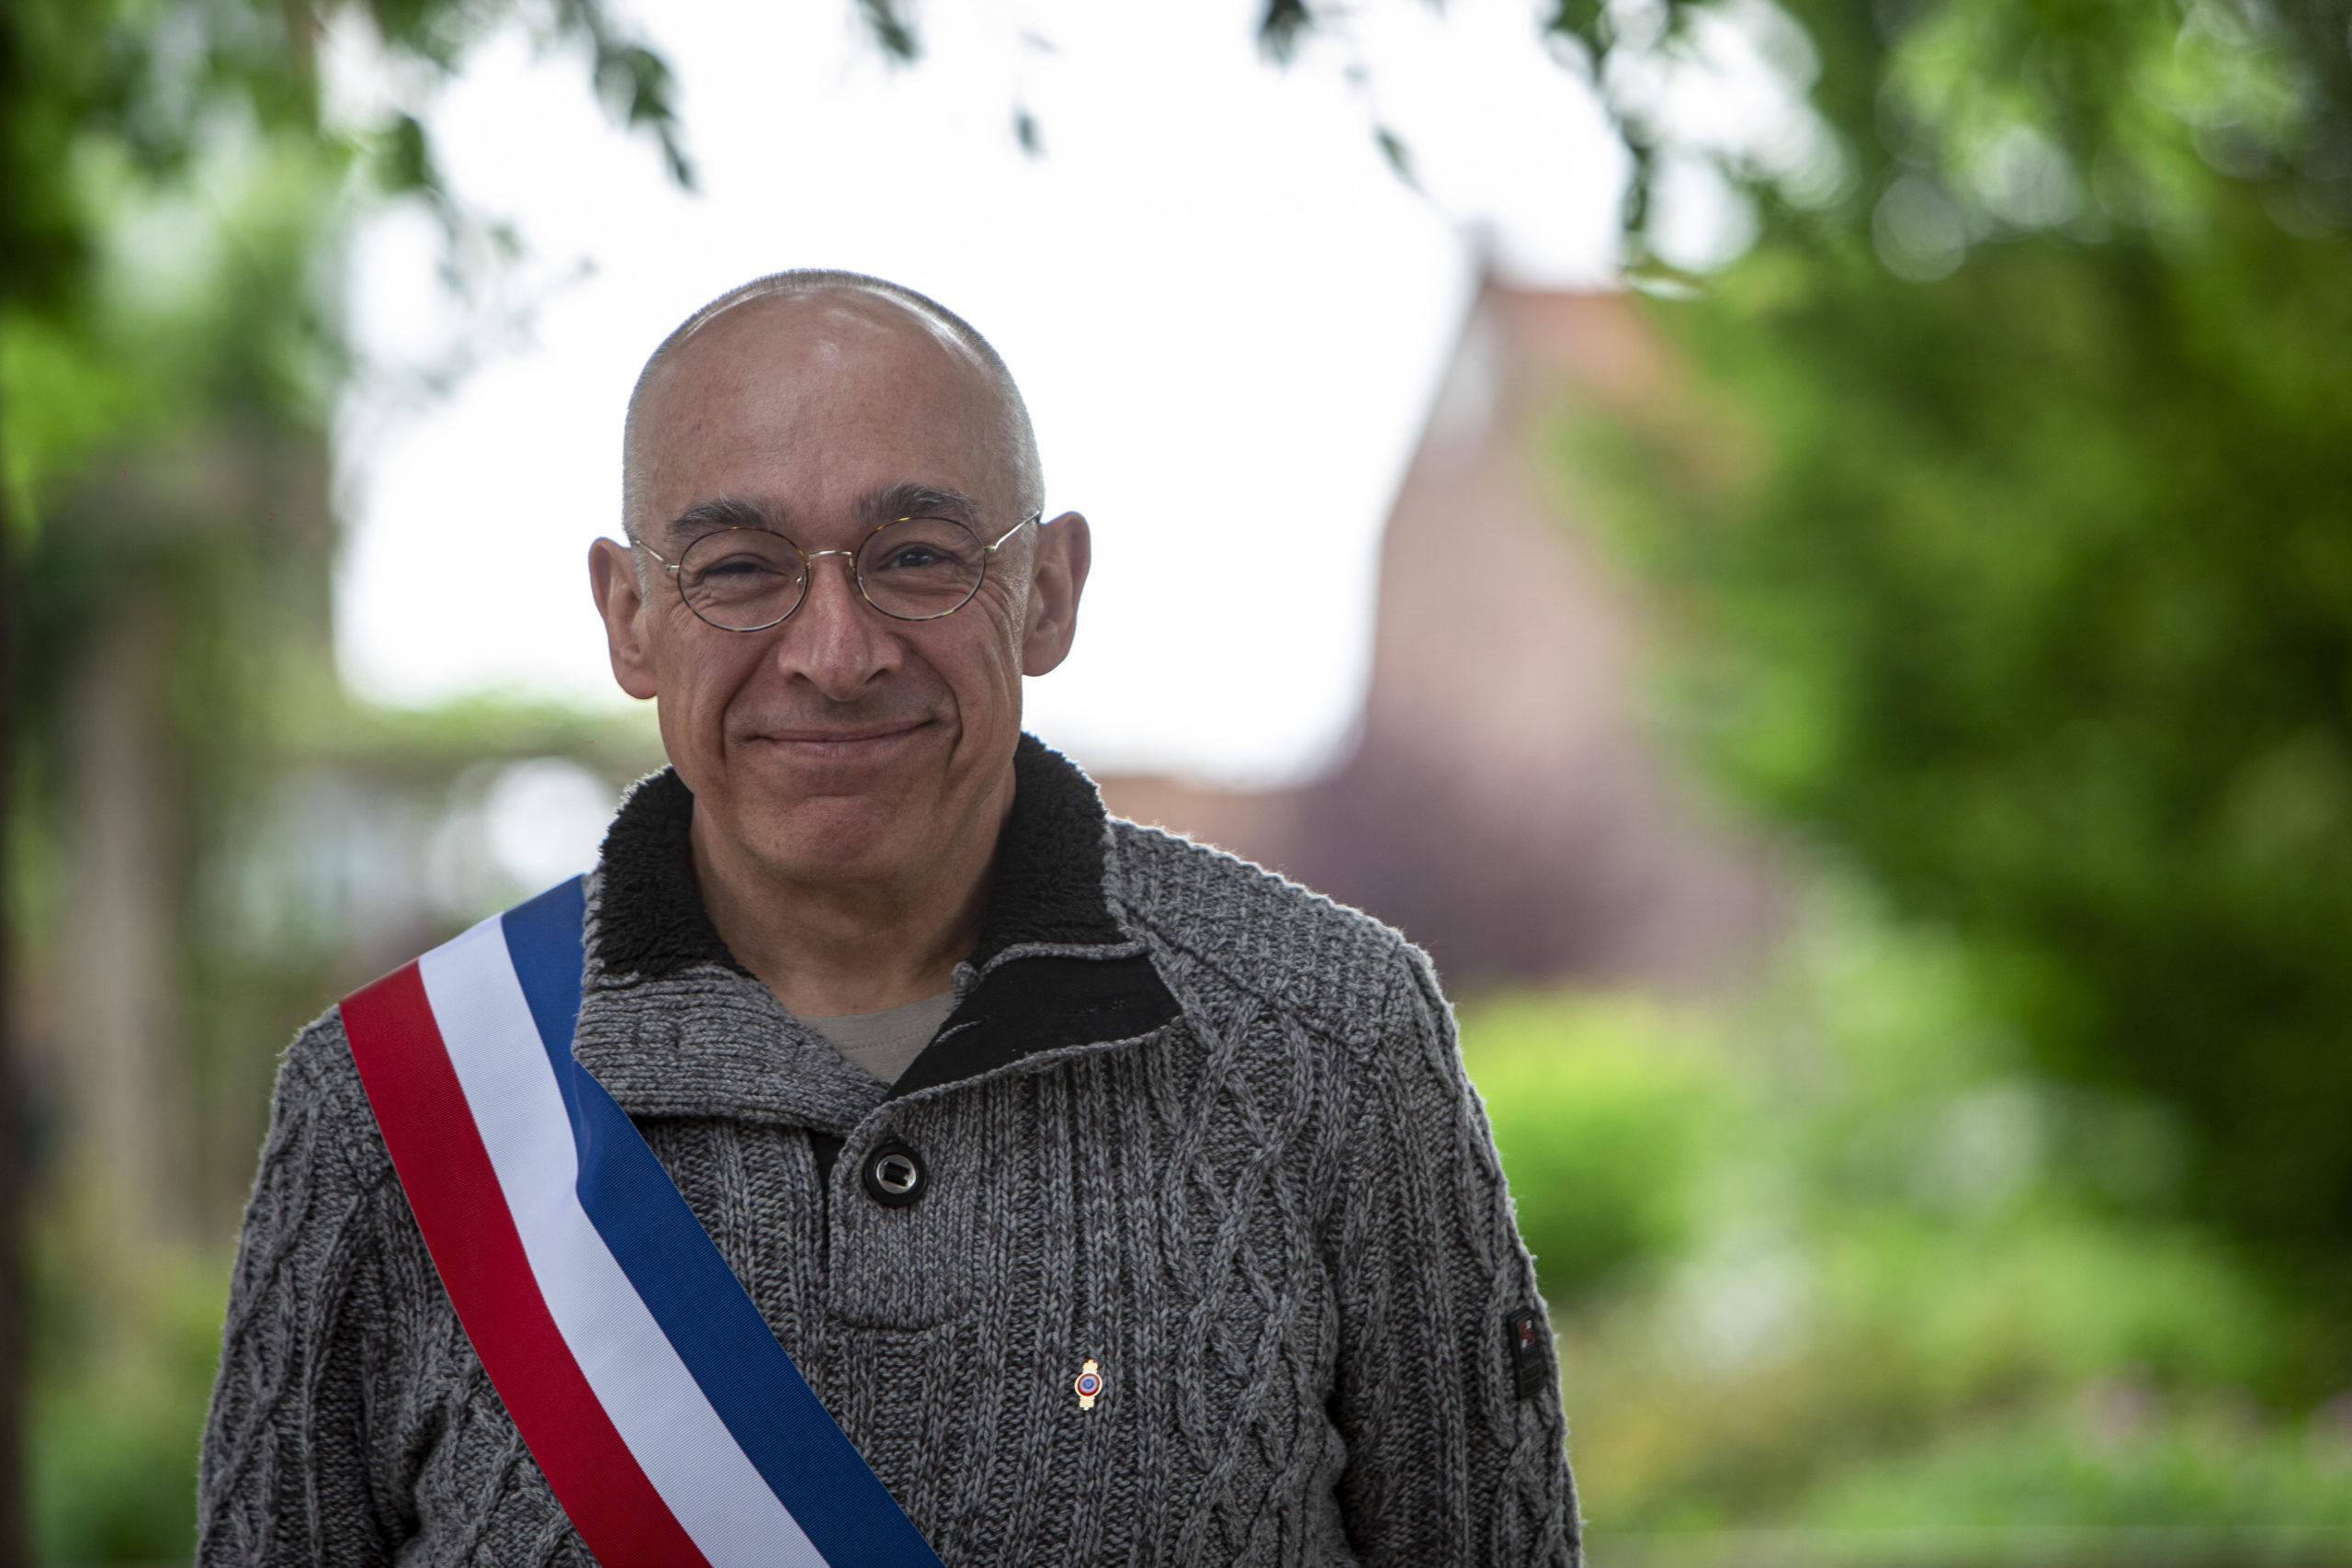 Jean-François DOVERGNE